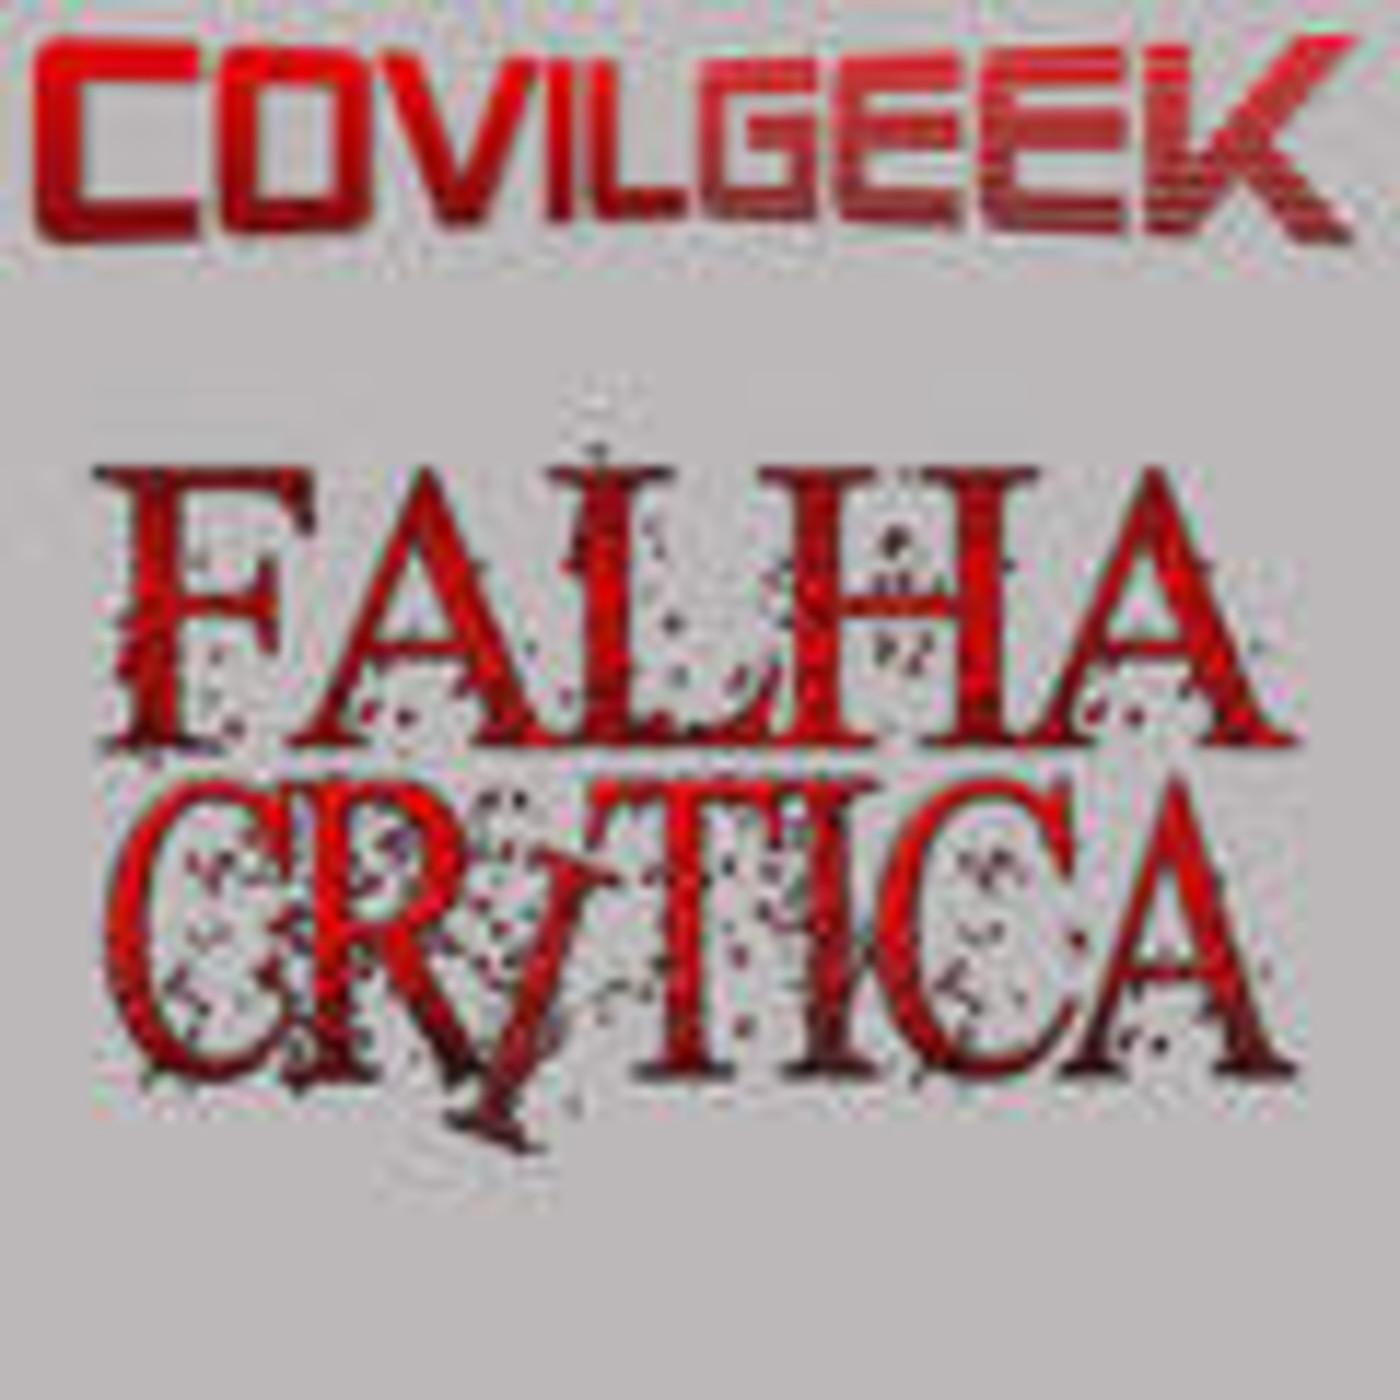 Covil Geek